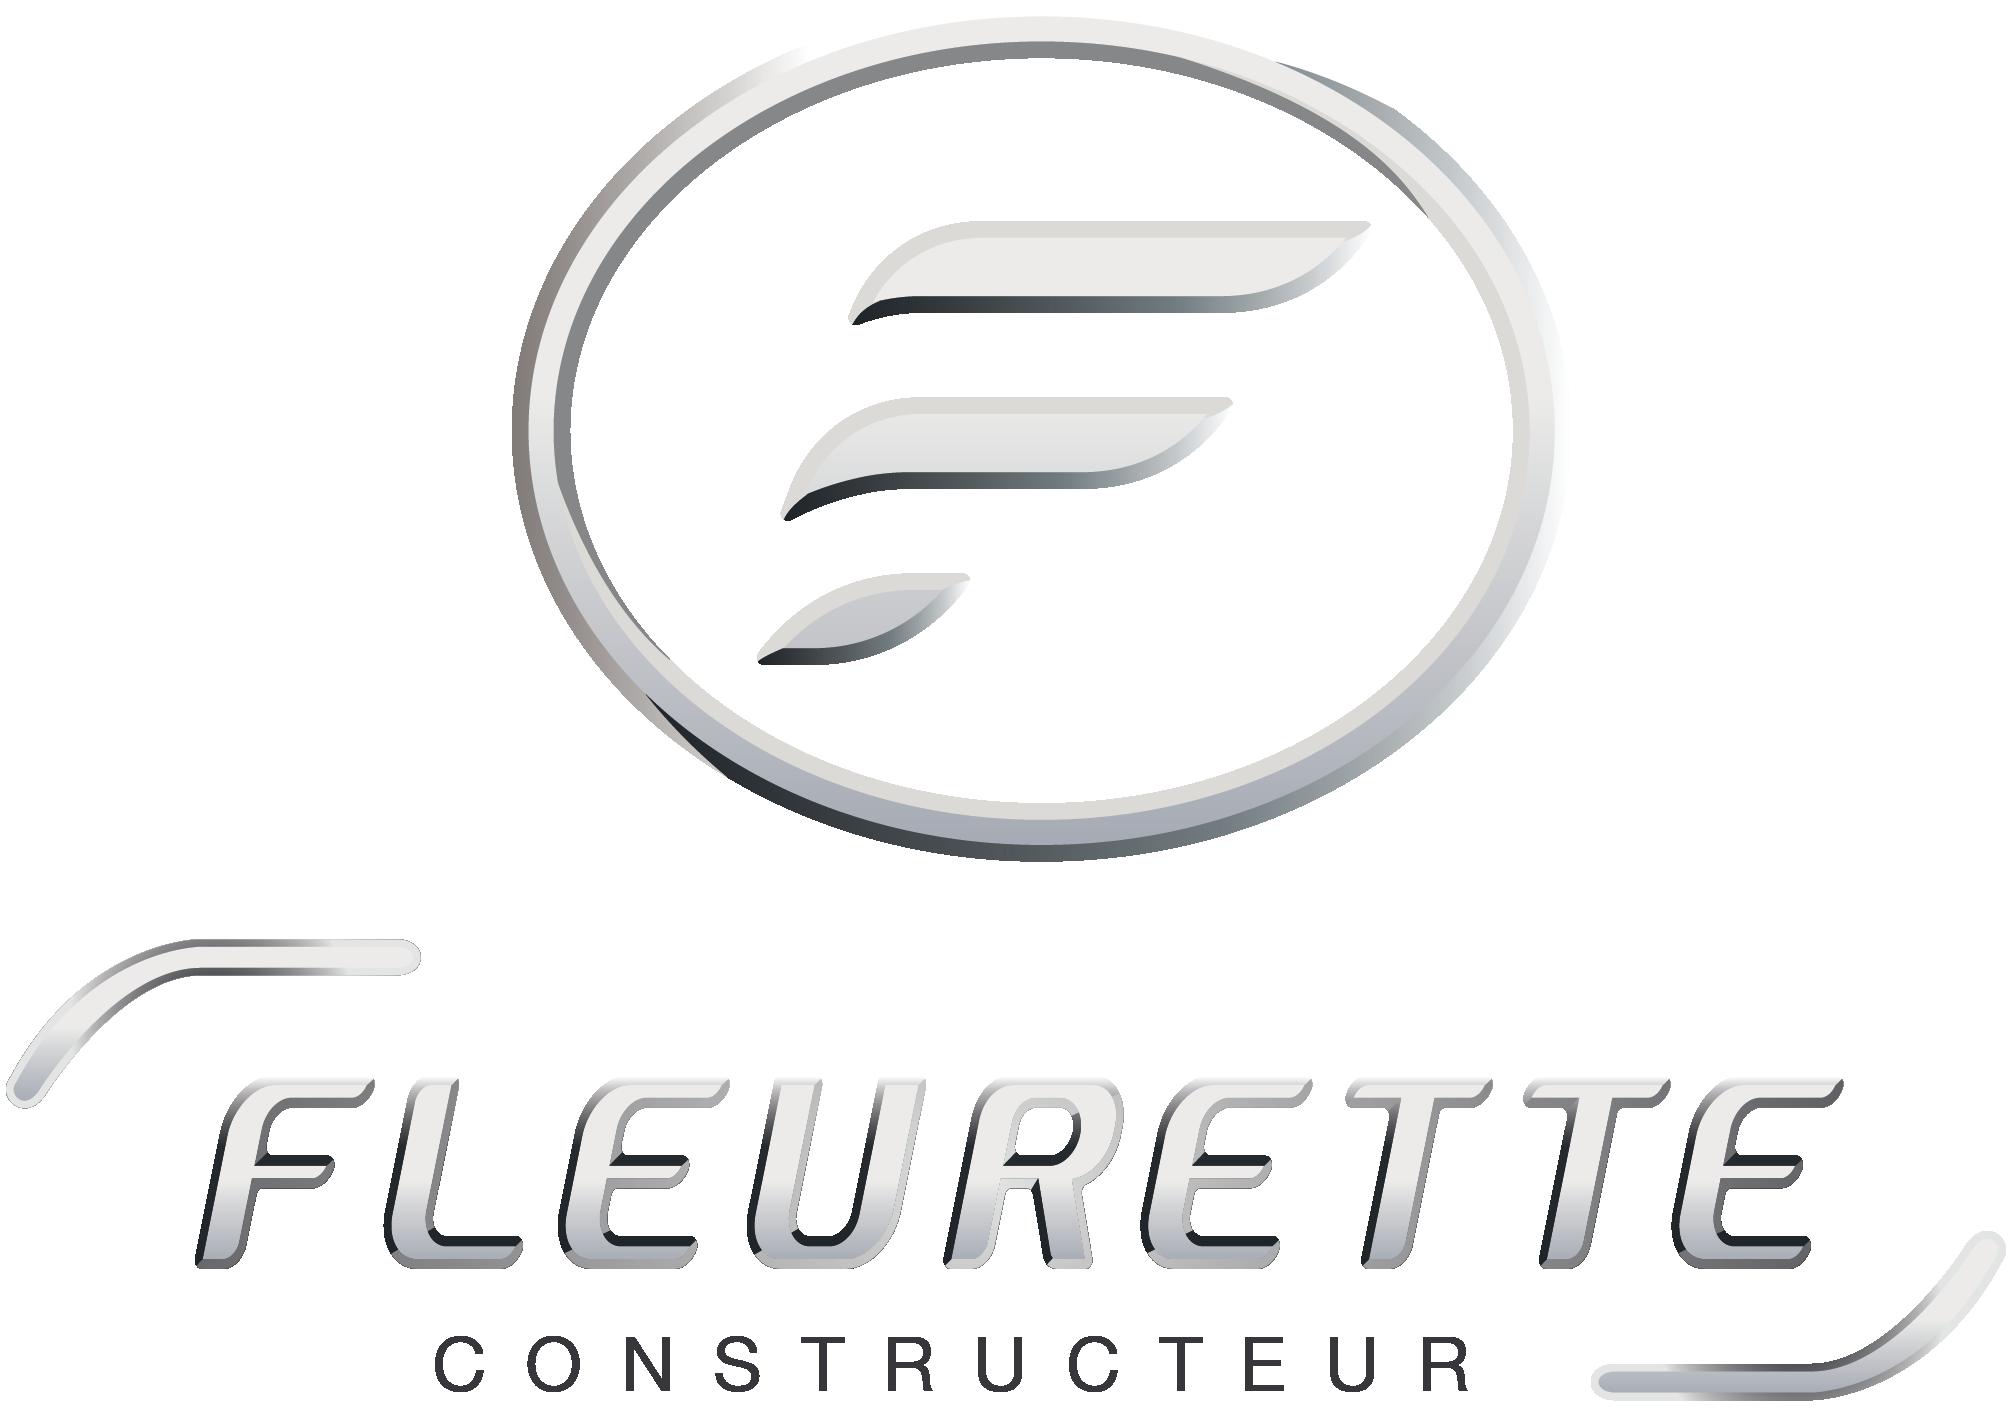 LOGO_FLEURETTE_F_CONSTRUCTEUR_VEC-CLIENT_REVENTIS